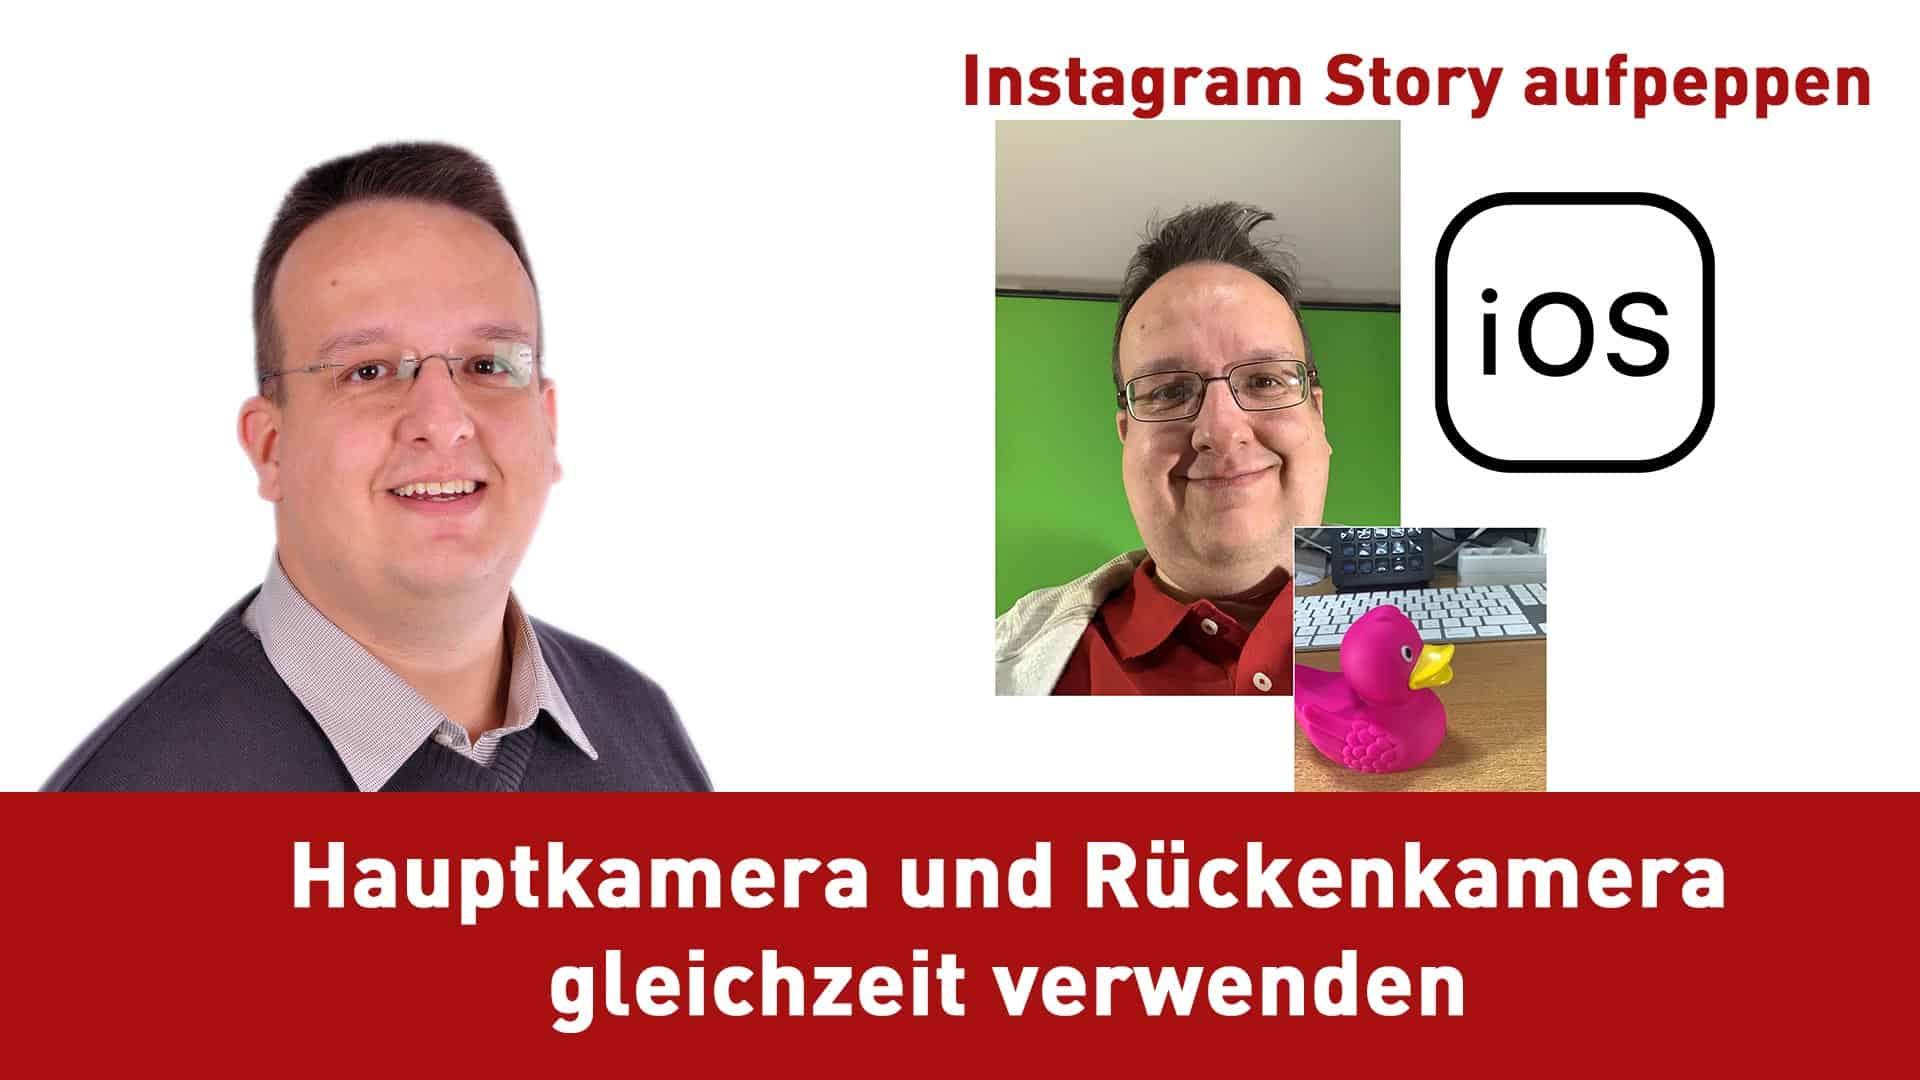 Instagram Story aufpimpen – Hauptkamera und Rückenkamera gleichzeitig verwenden mit iOS